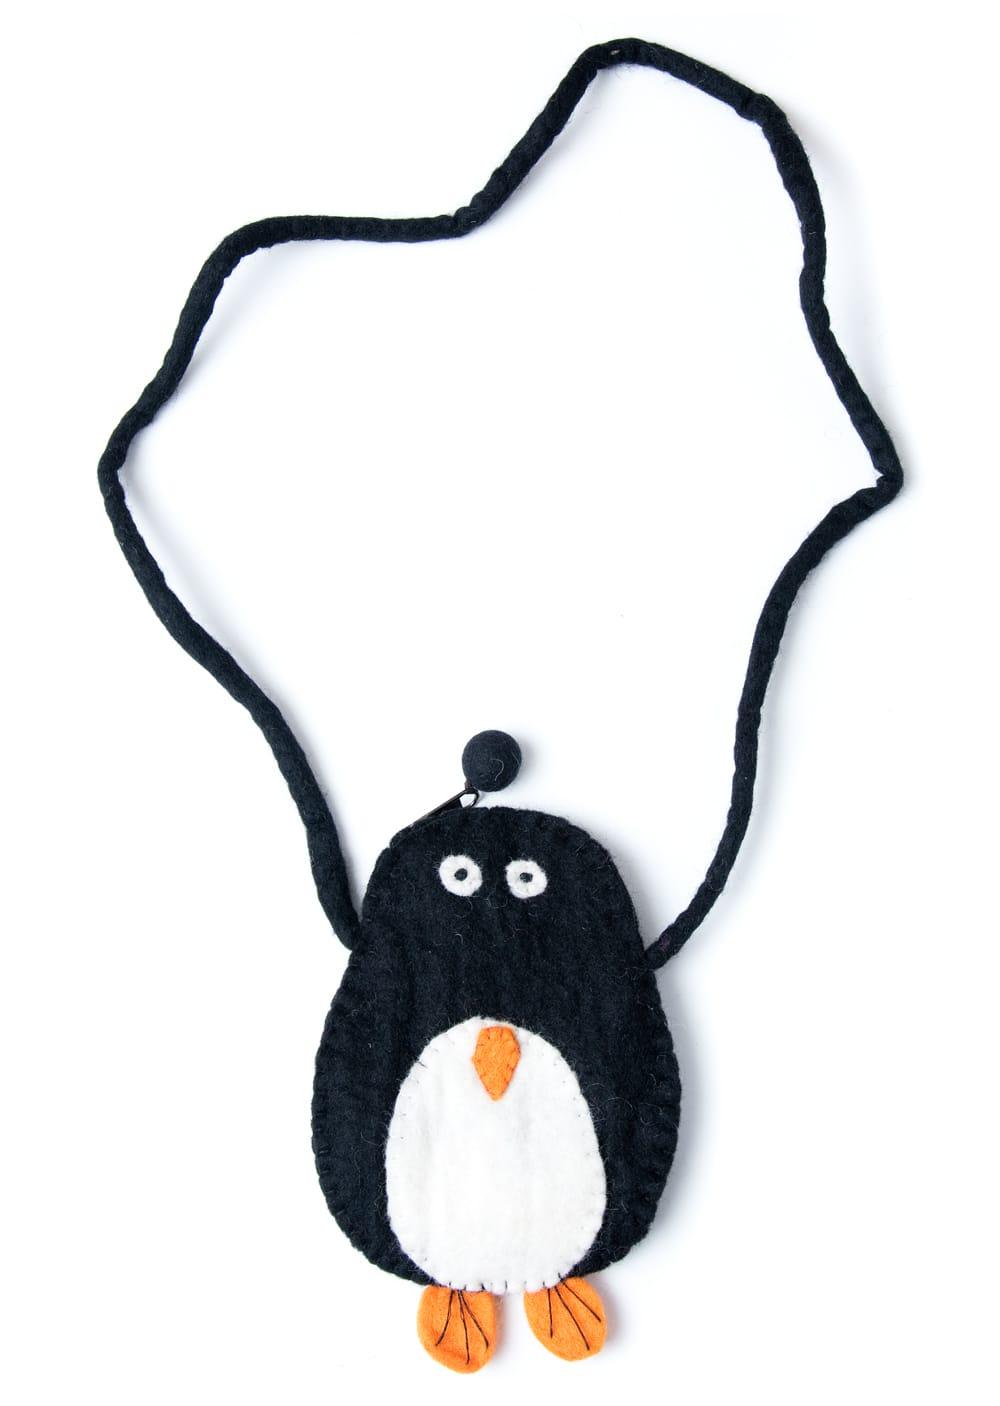 手作りフェルト ネパールのゆるいアニマルポシェット(ミニ) - ペンギンの写真